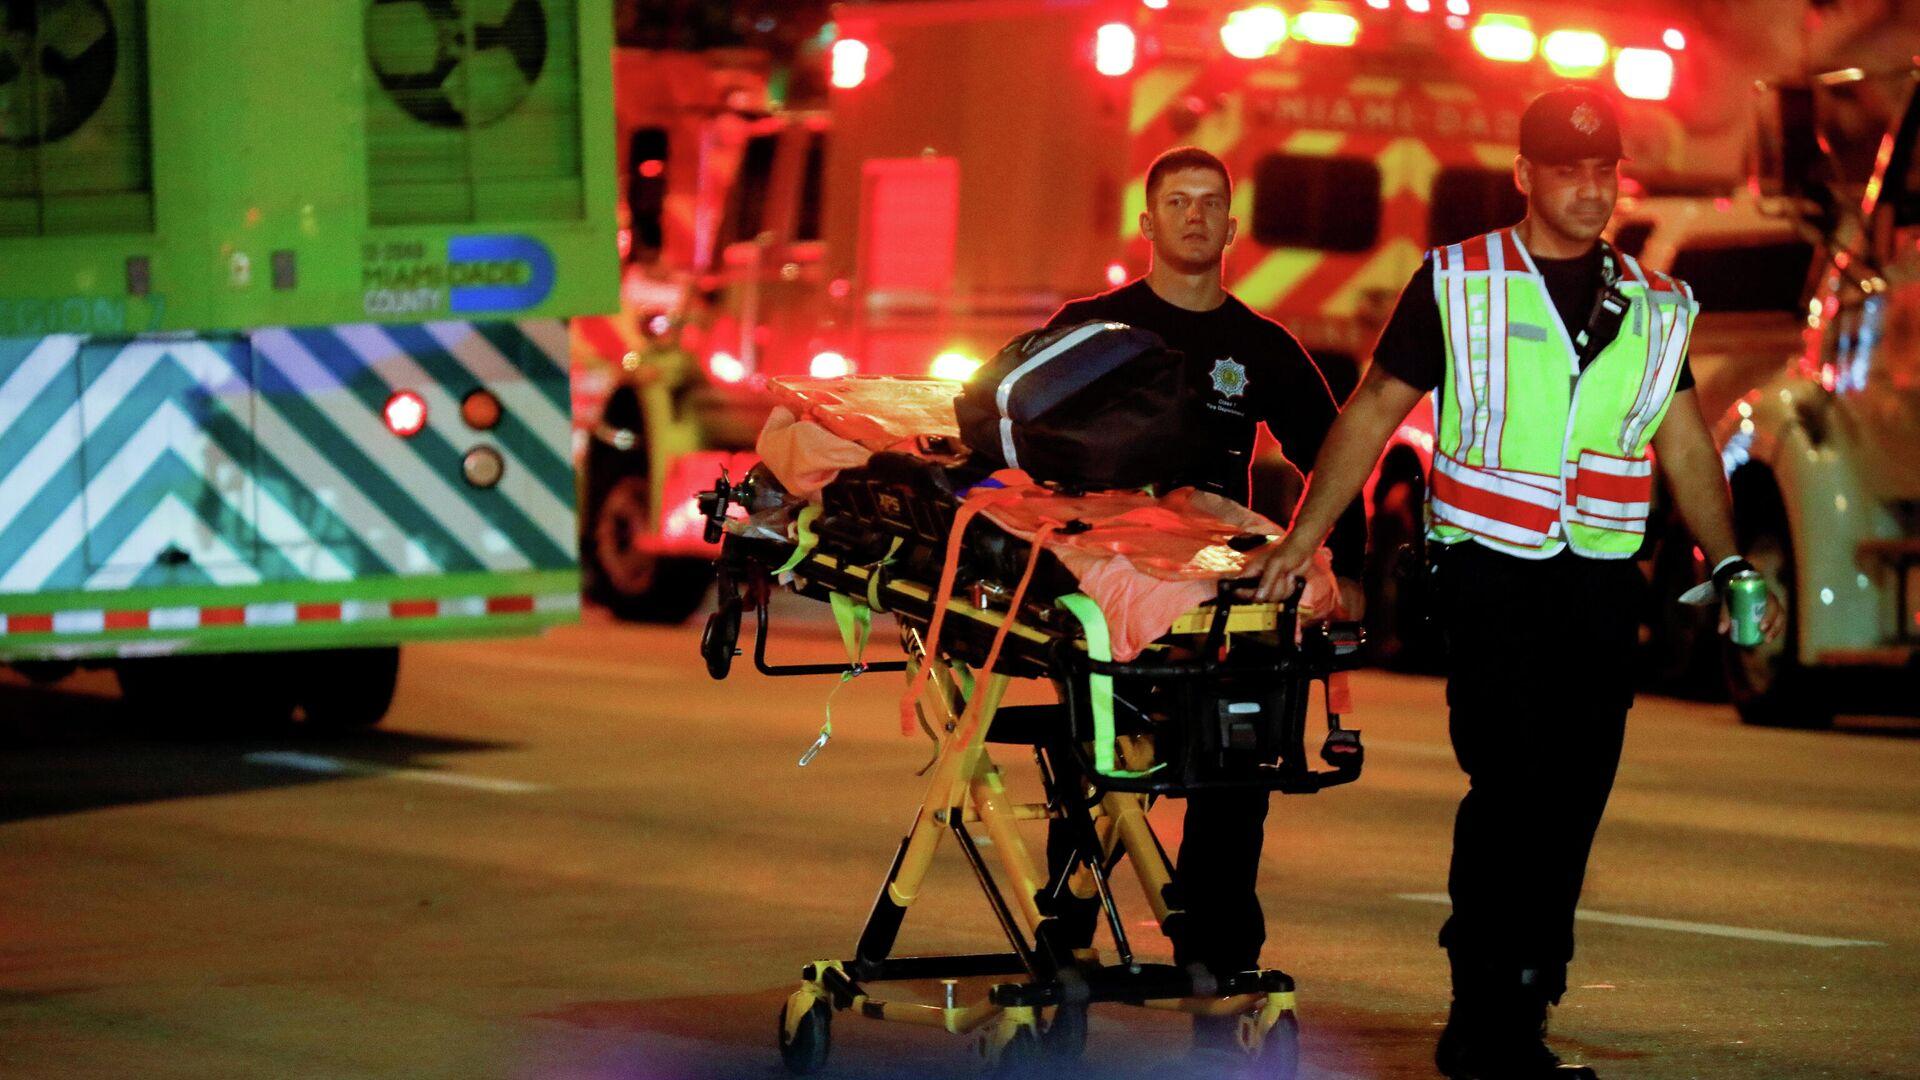 Operaciones de rescate tras el derrumbe de un edificio en Miami, el 24 de junio de 2021 - Sputnik Mundo, 1920, 24.06.2021